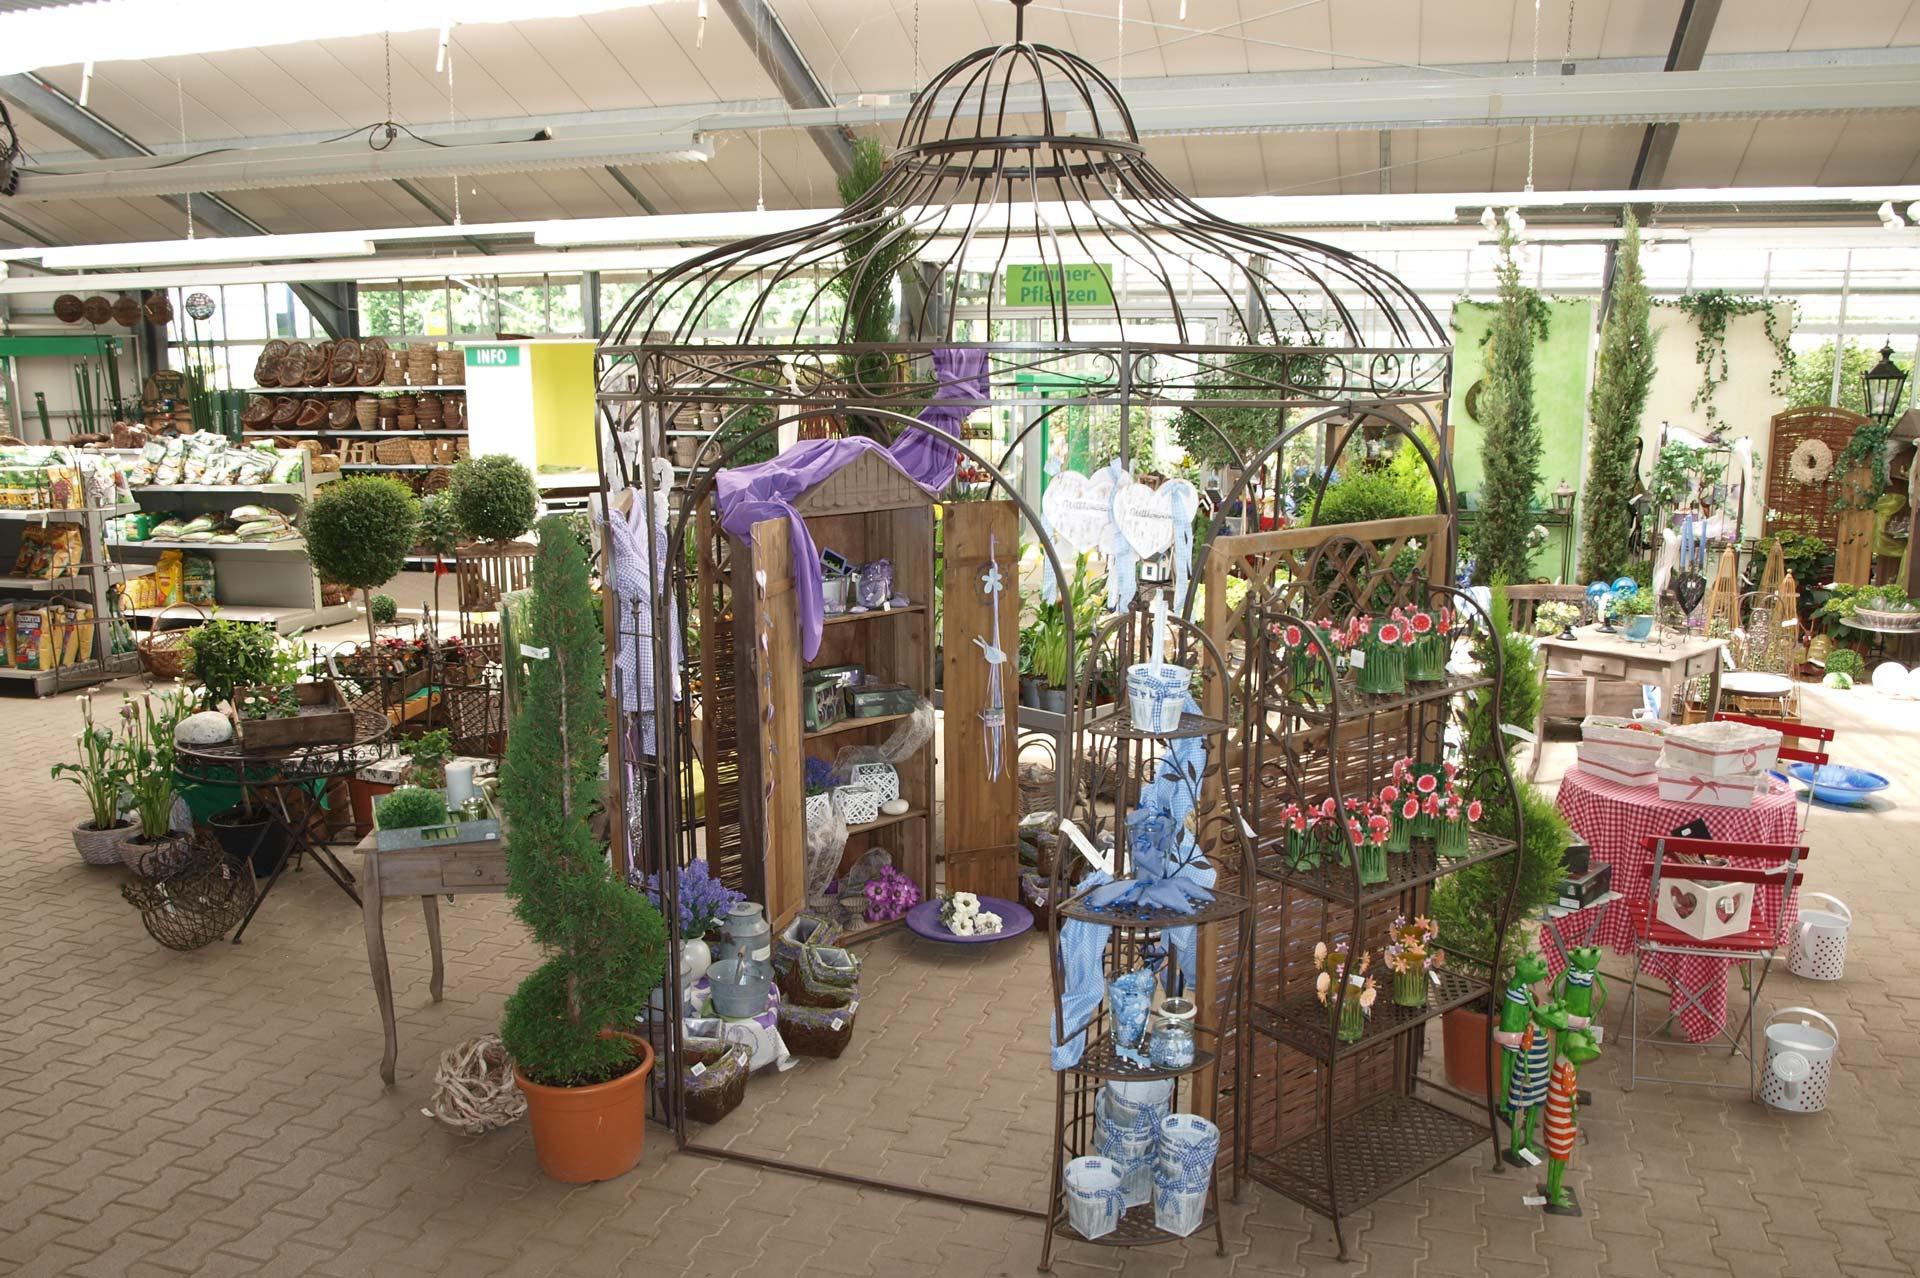 Scheerer Baumschulen & Gartencenter in Langenau/ Albeck, Baden Württemberg, Pflanzenmarkt, Produkvielfalt, Pflanzen, Bäume, Dekoartikel, Zubehör, Frühling